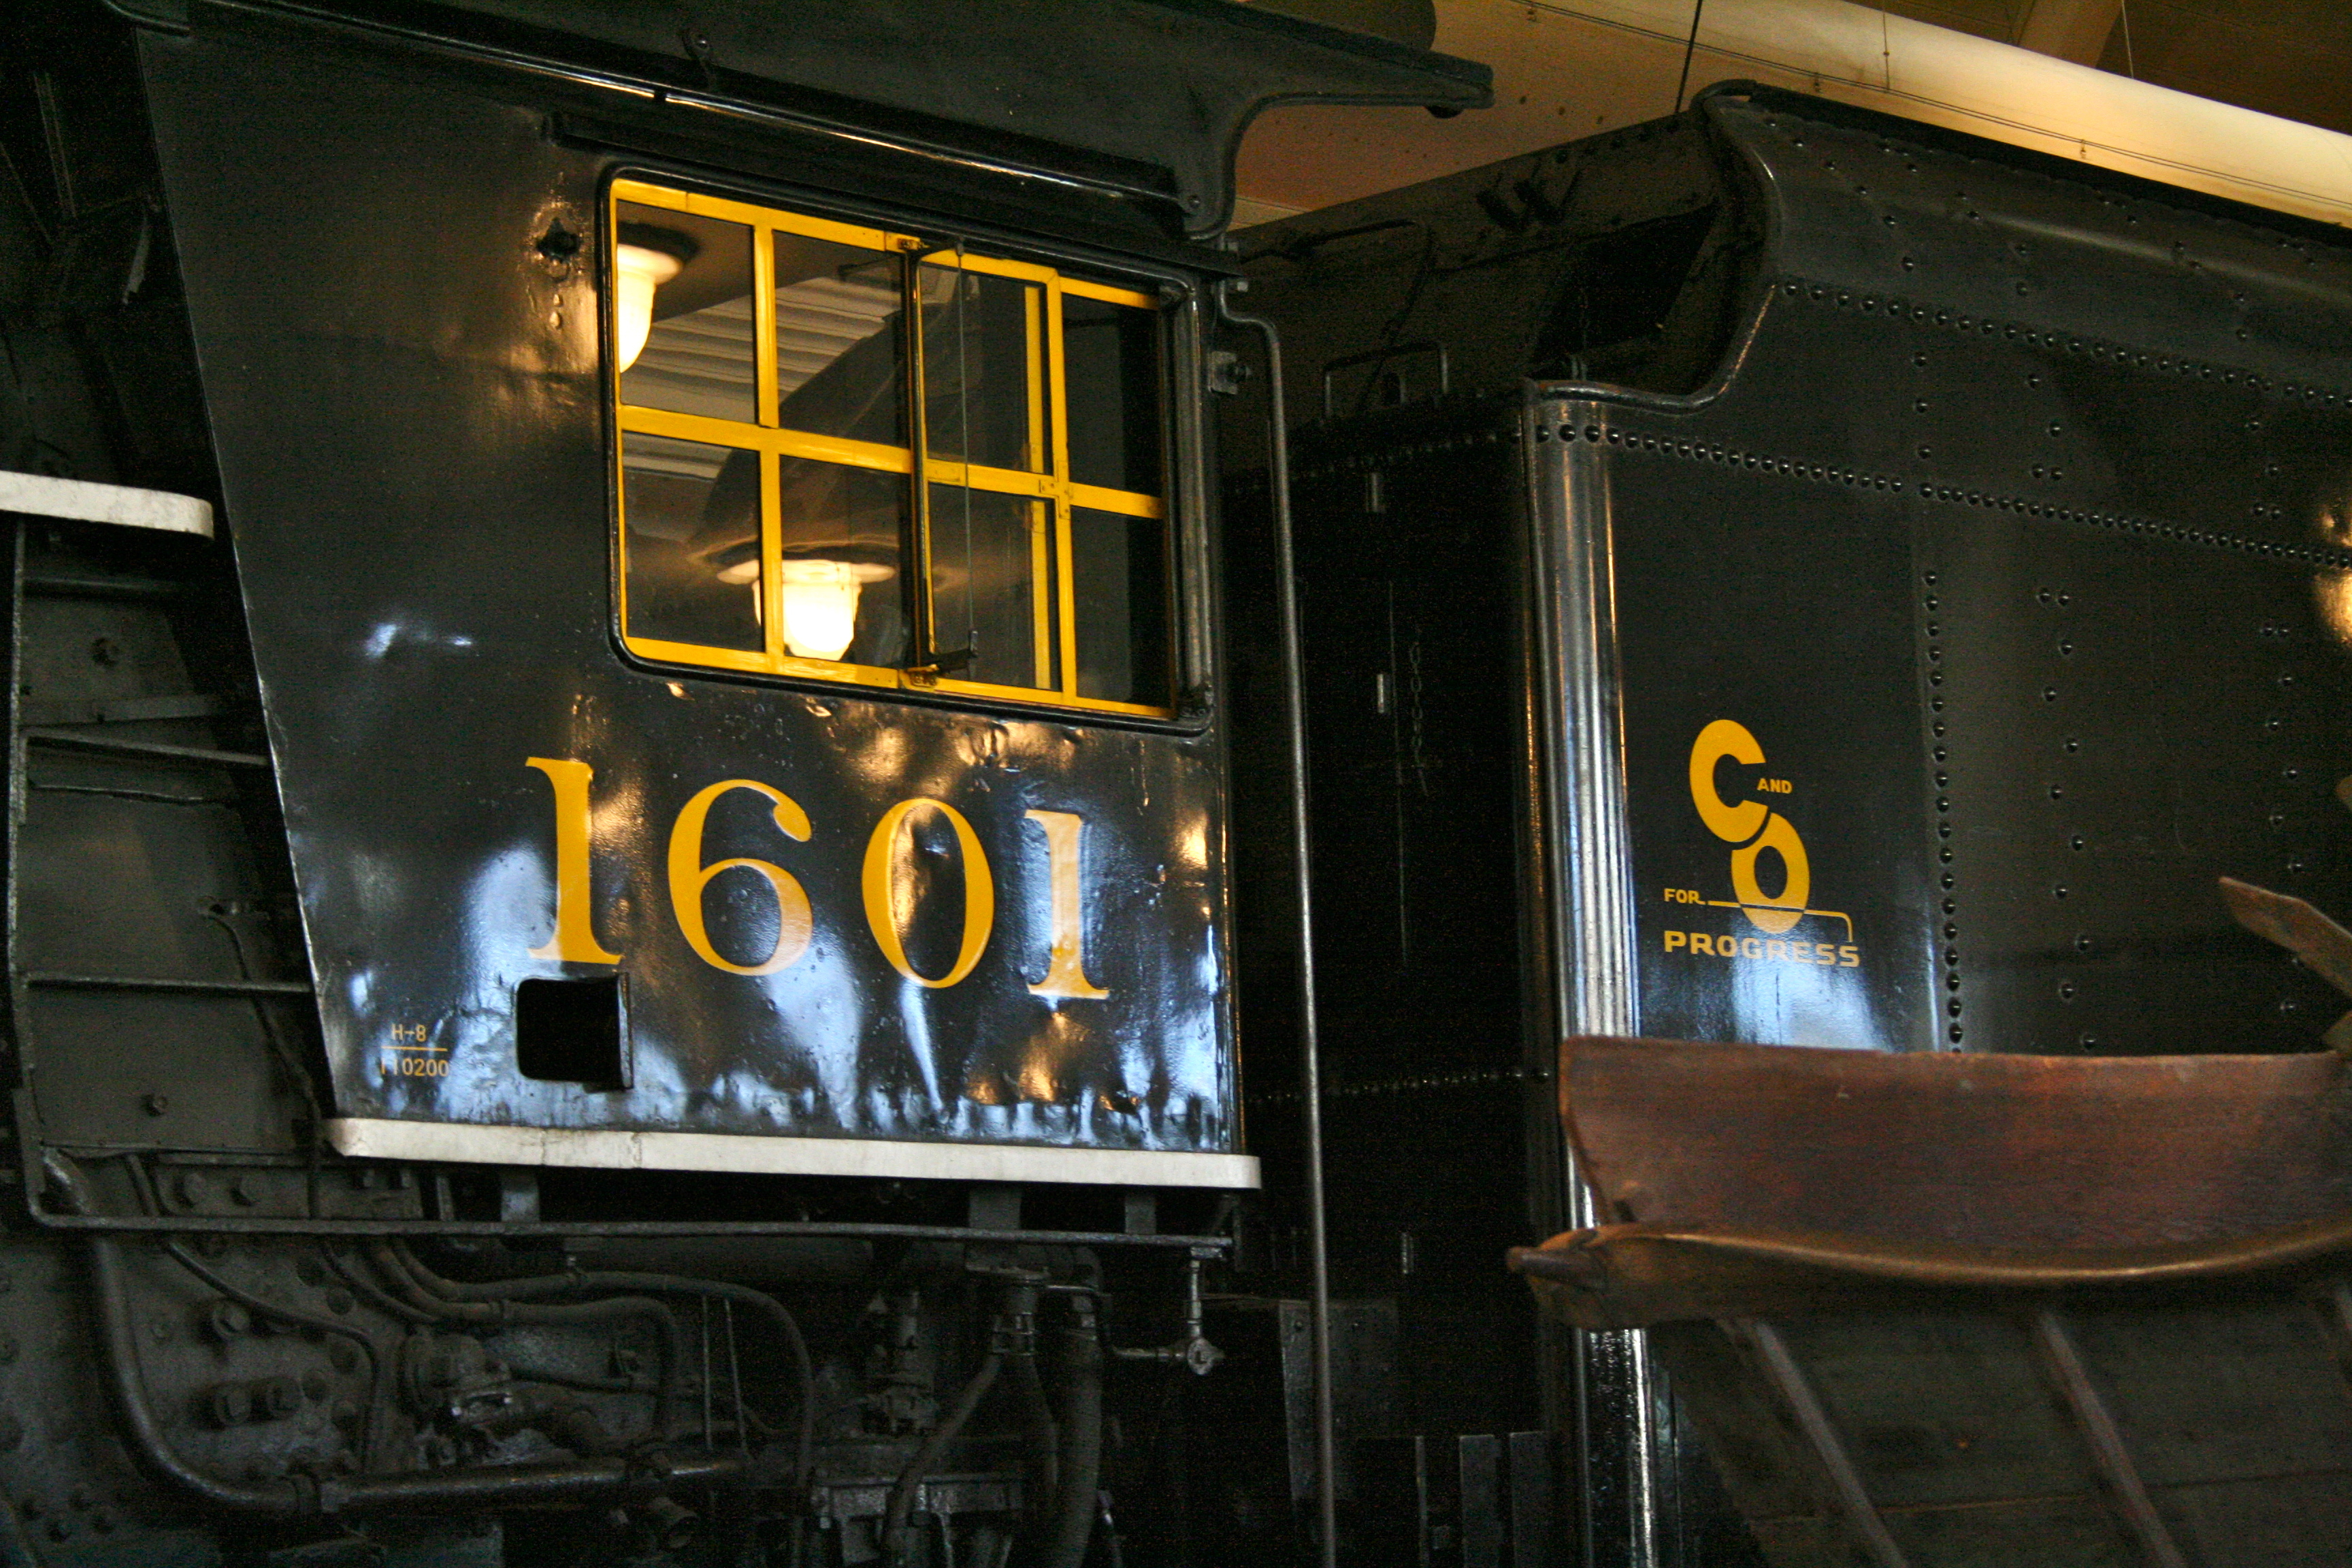 Lima Locomotive Works Drawings Locomotive 1601 on Display